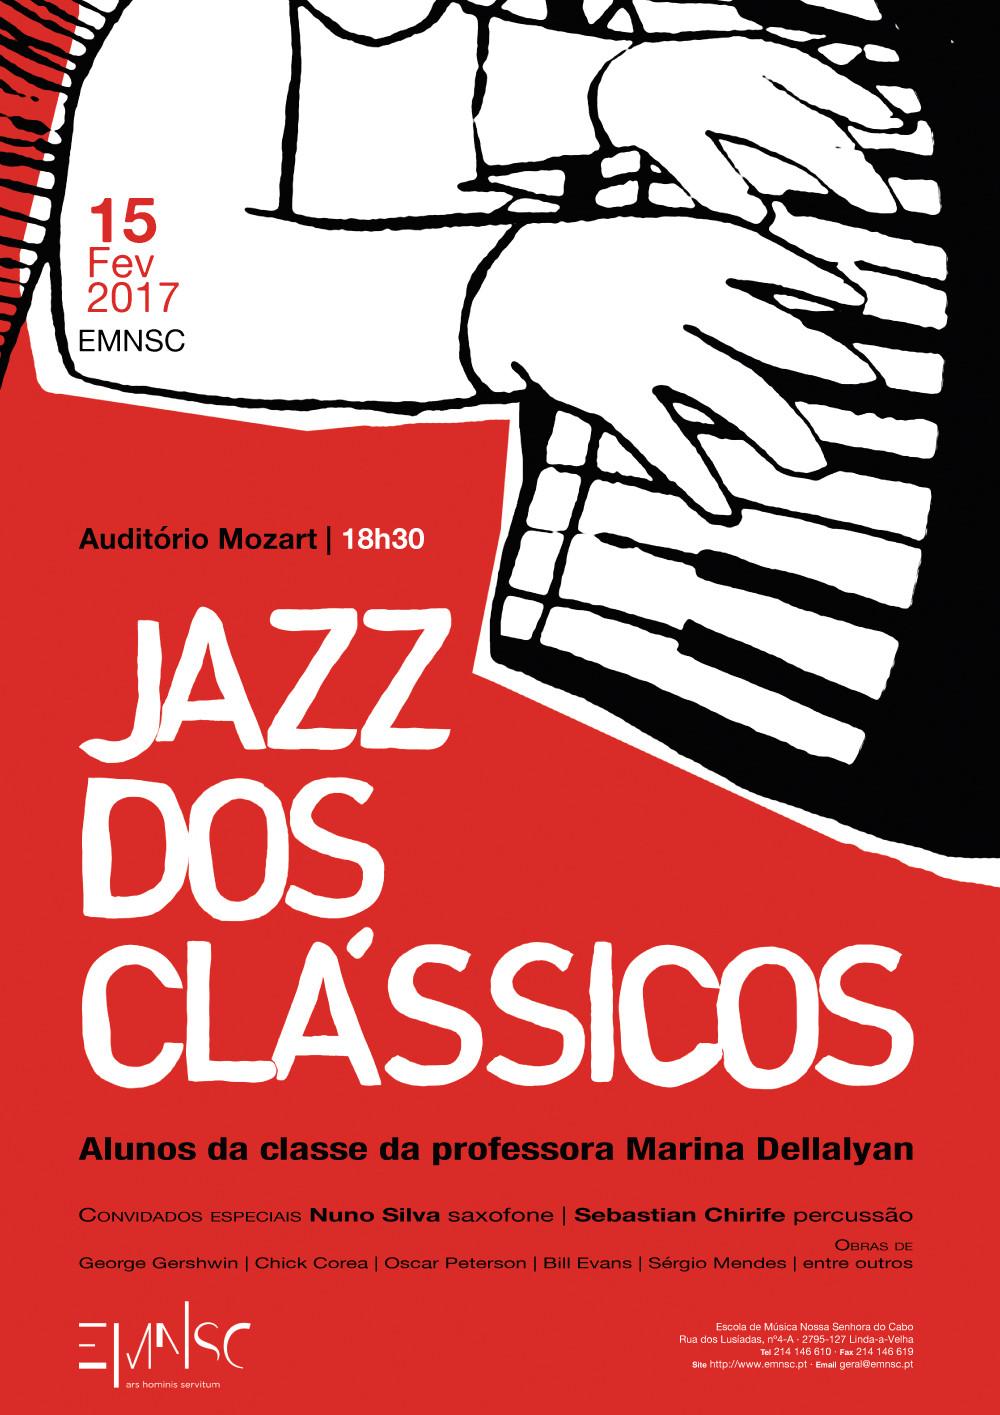 Jazz dos Clássicos | Alunos da Classe da professora Marina Dellalyan